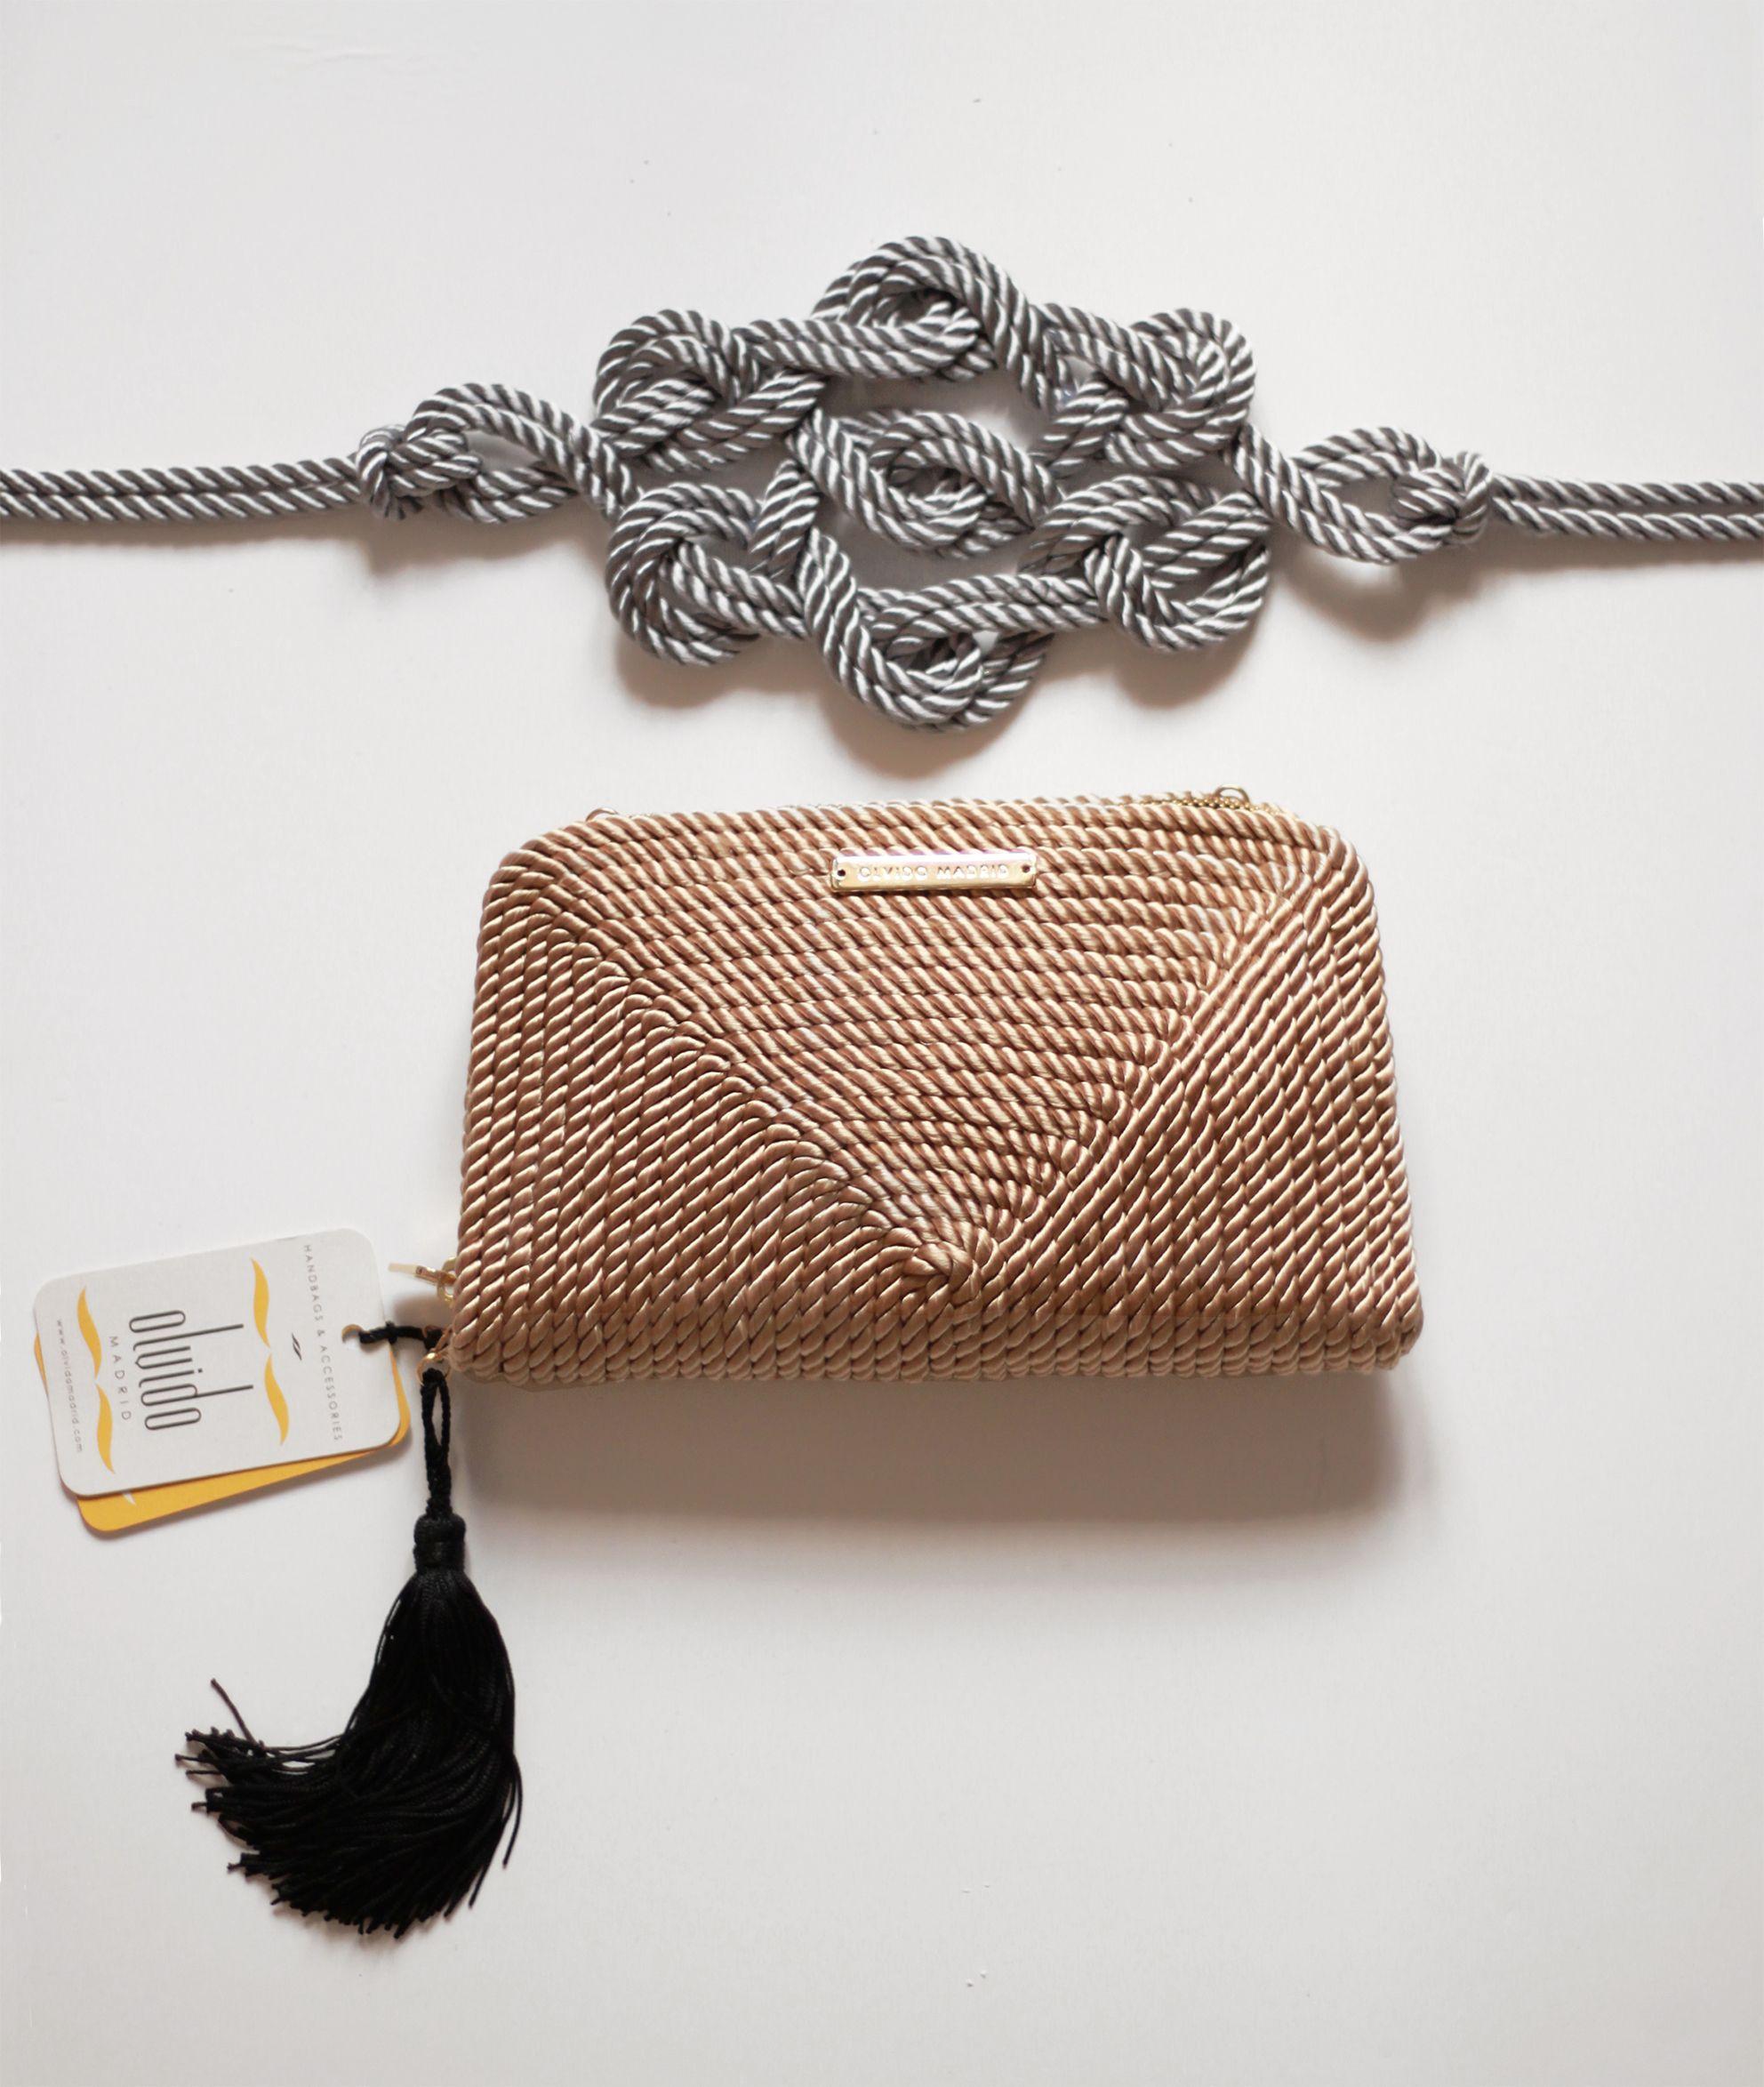 0684963da Bolso y cinturón de fiesta hecho en cordón de seda | Modelo Jimena en nude  y Marieta en gris plata | Diseños OLVIDO MADRID | www.olvidomadrid.es